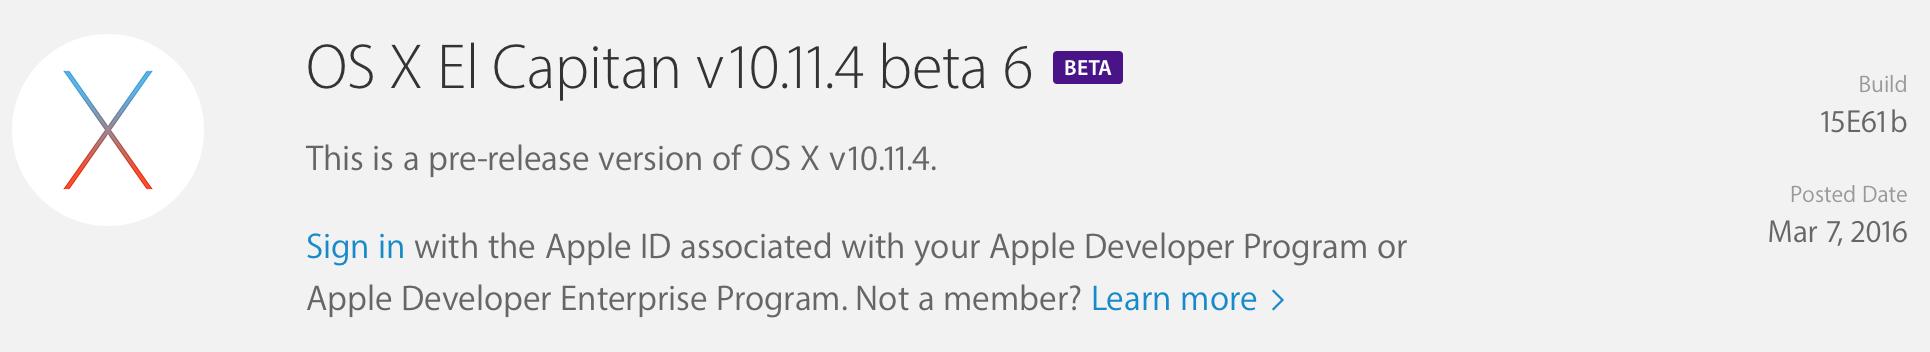 OS X Beta-Release-bildschirmfoto-2016-03-07-um-19.09.26.png